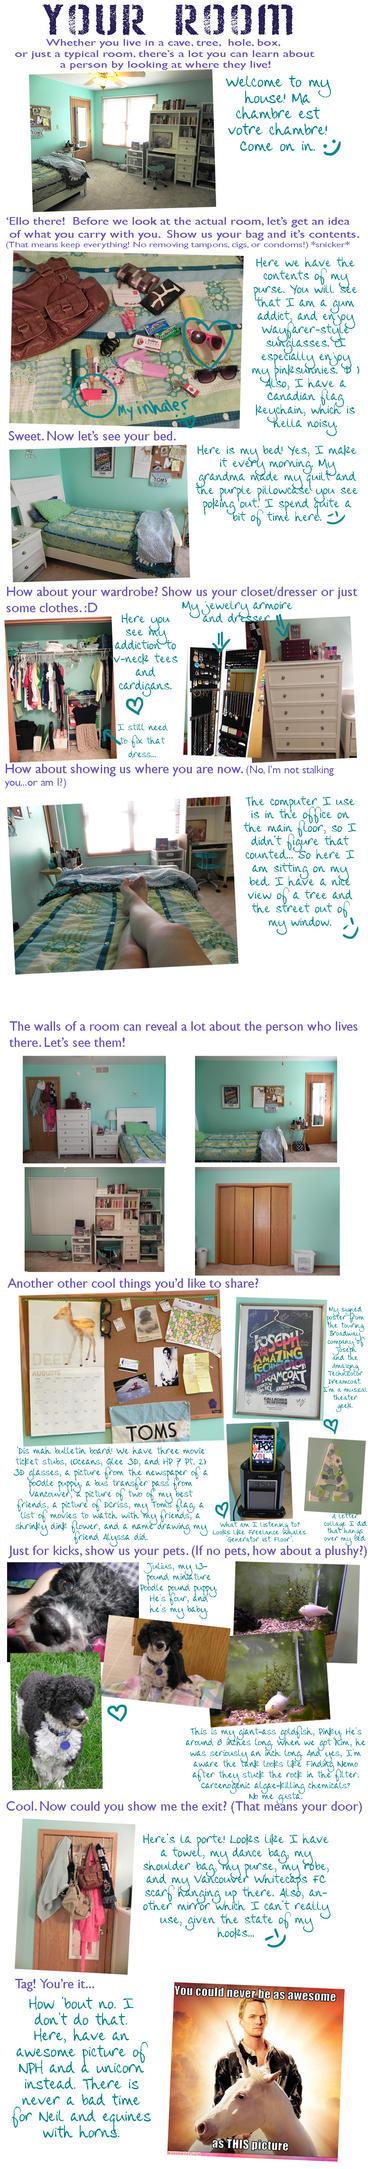 Room Meme by JustAnAverageGirl